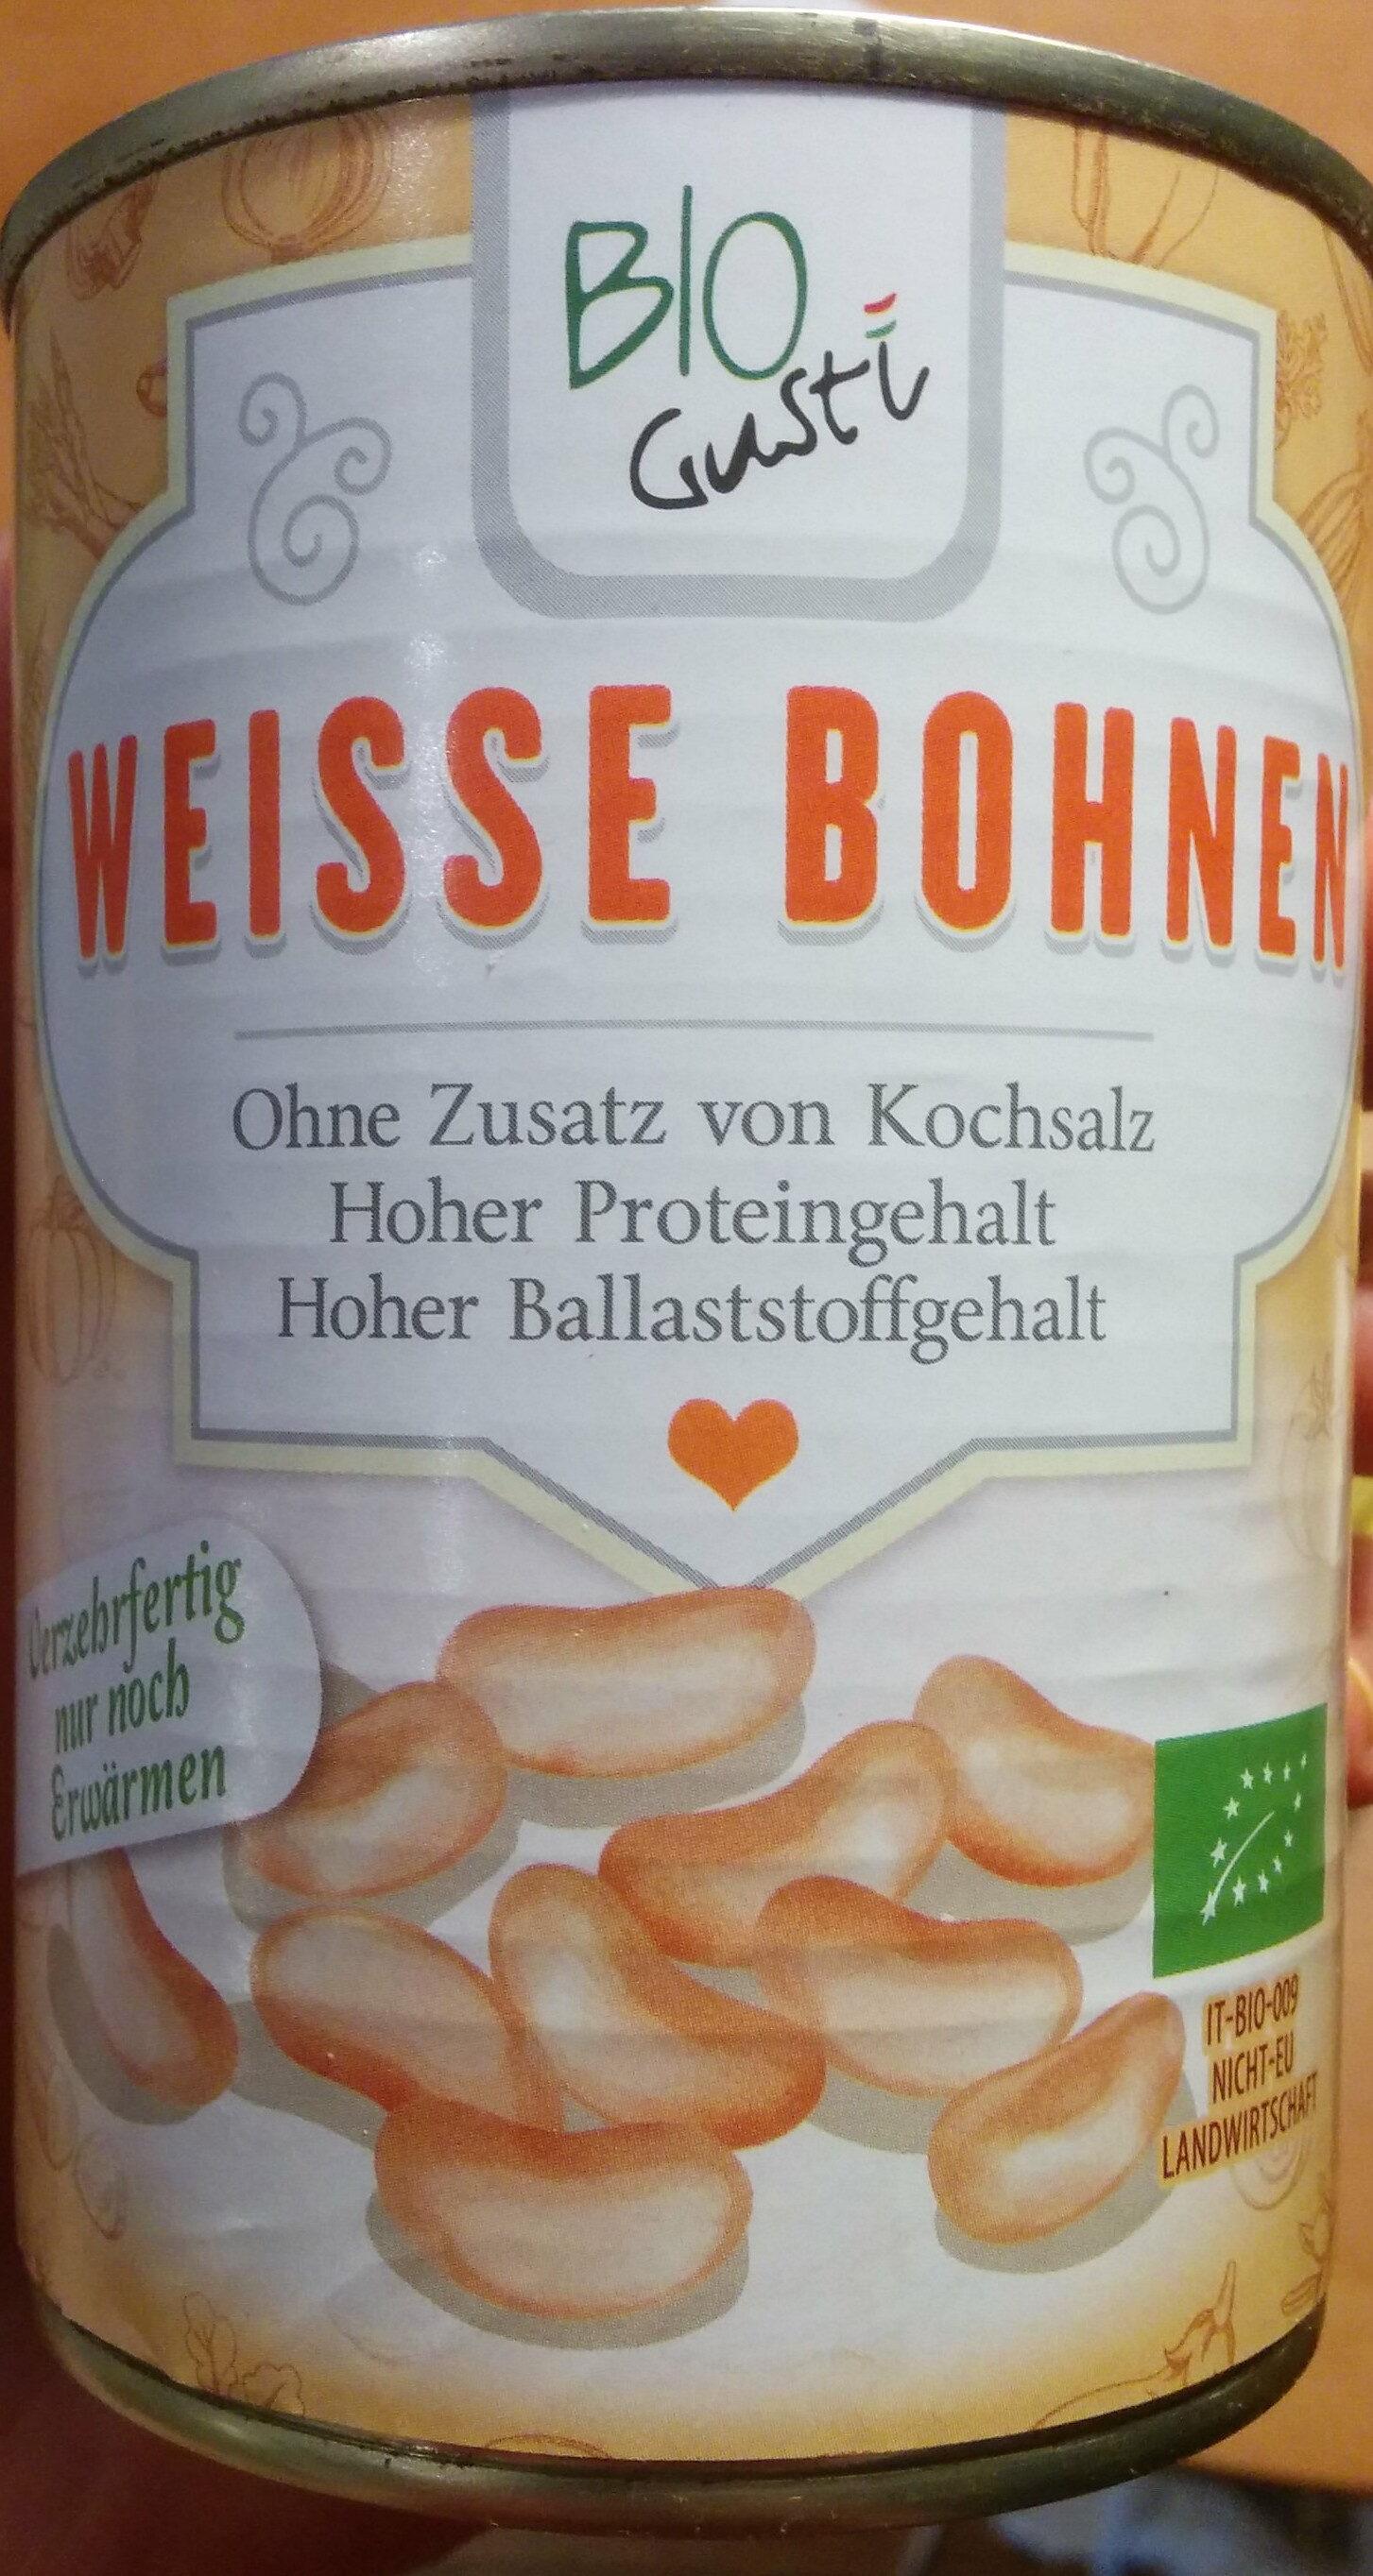 Weiße Bohnen - Produit - de